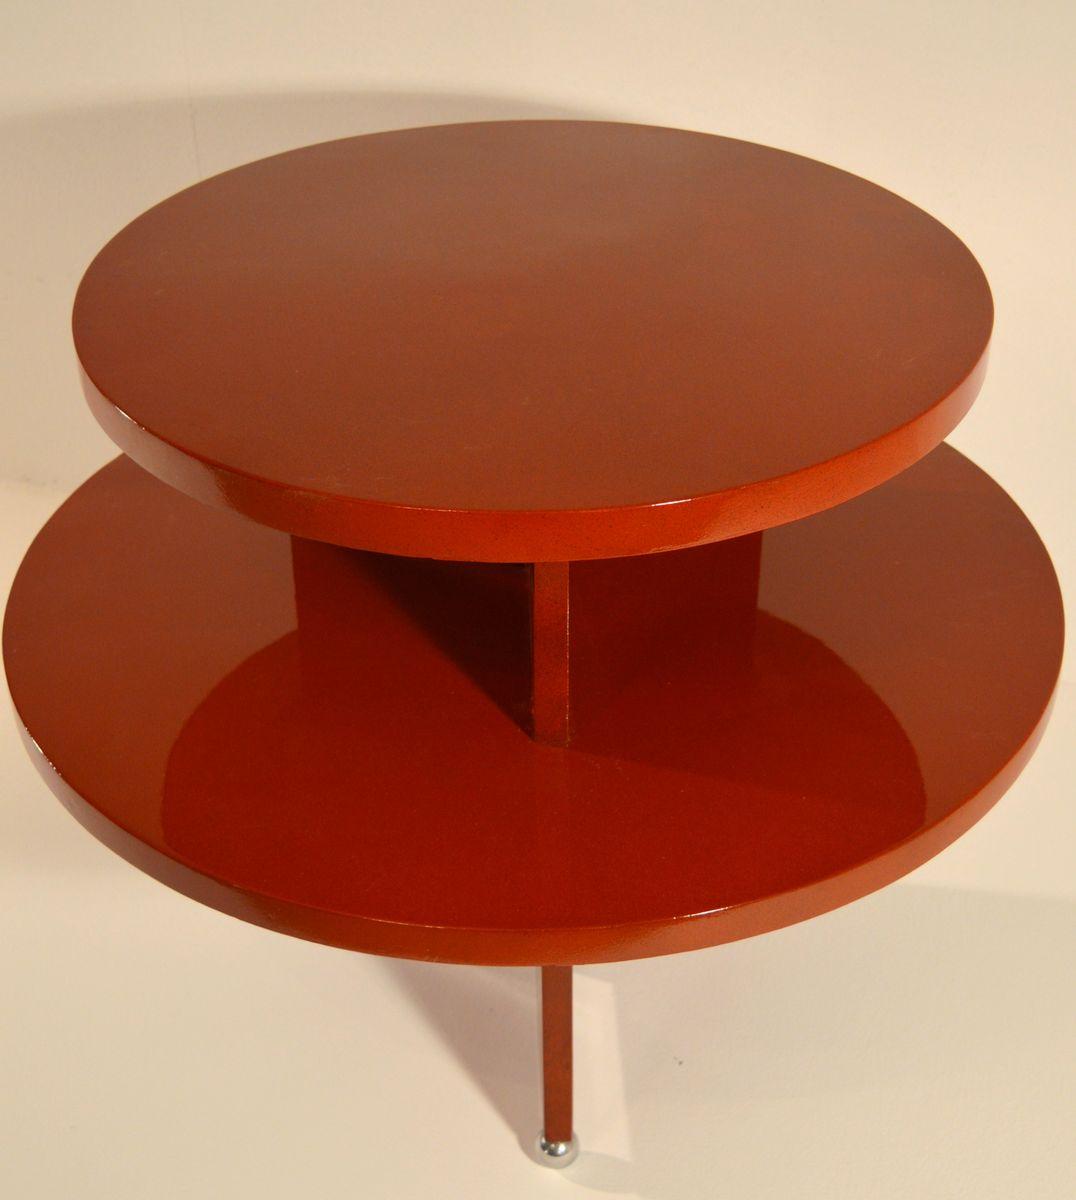 table basse art d co en rouge laqu 1930s en vente sur pamono. Black Bedroom Furniture Sets. Home Design Ideas